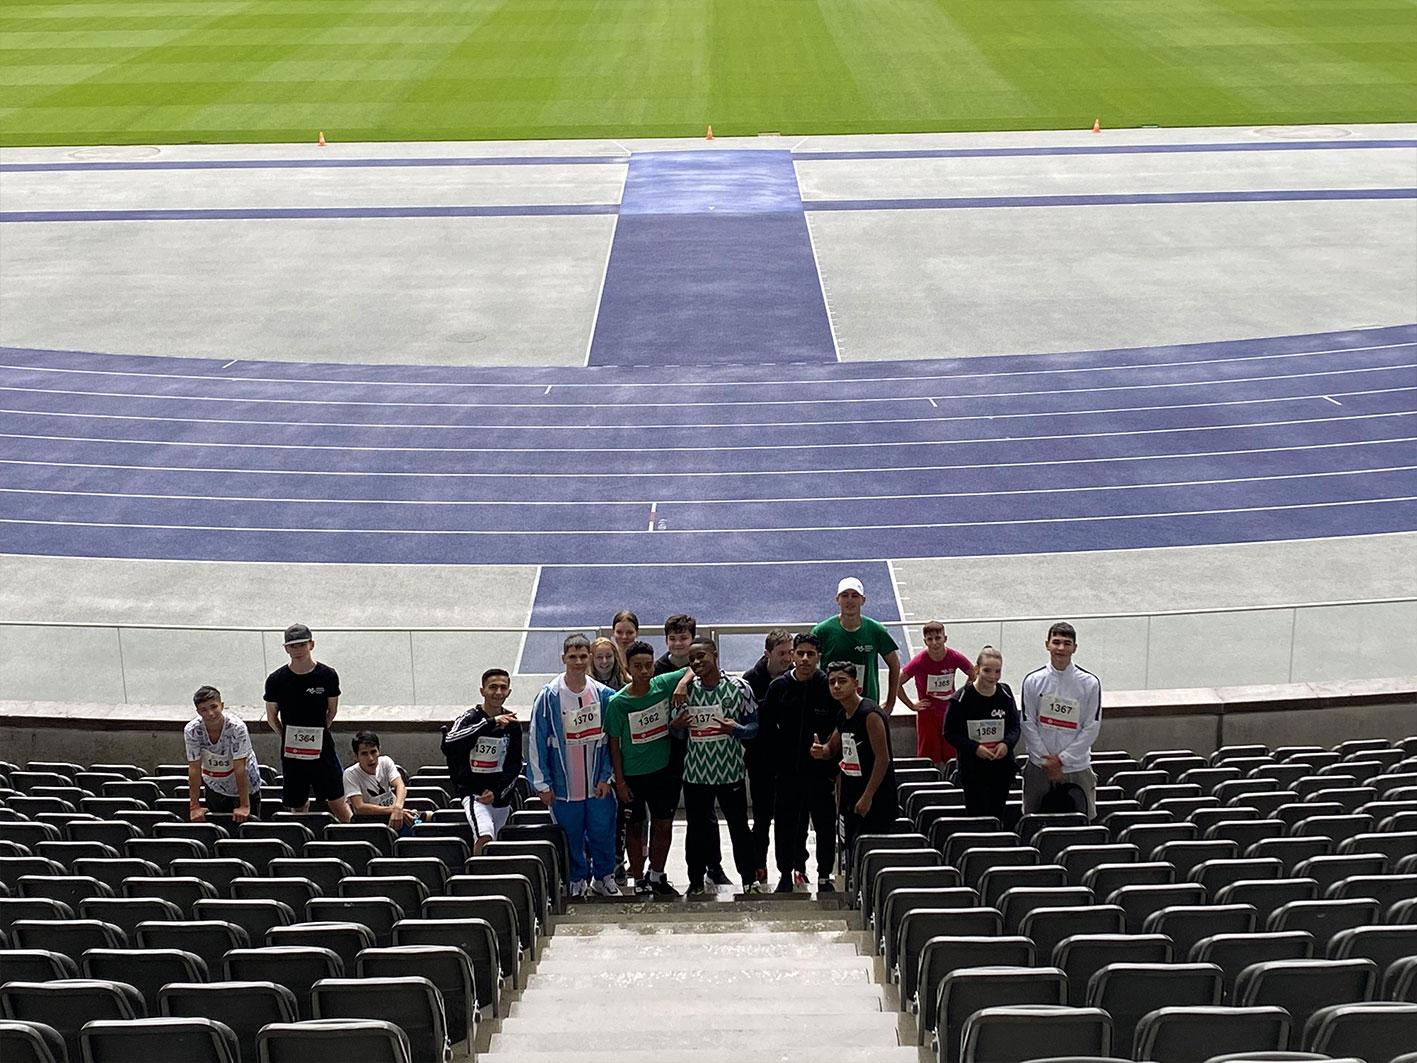 Jugend trainiert für Olympia Platz - Albrecht Haushofer Schule-im Olympiastadion